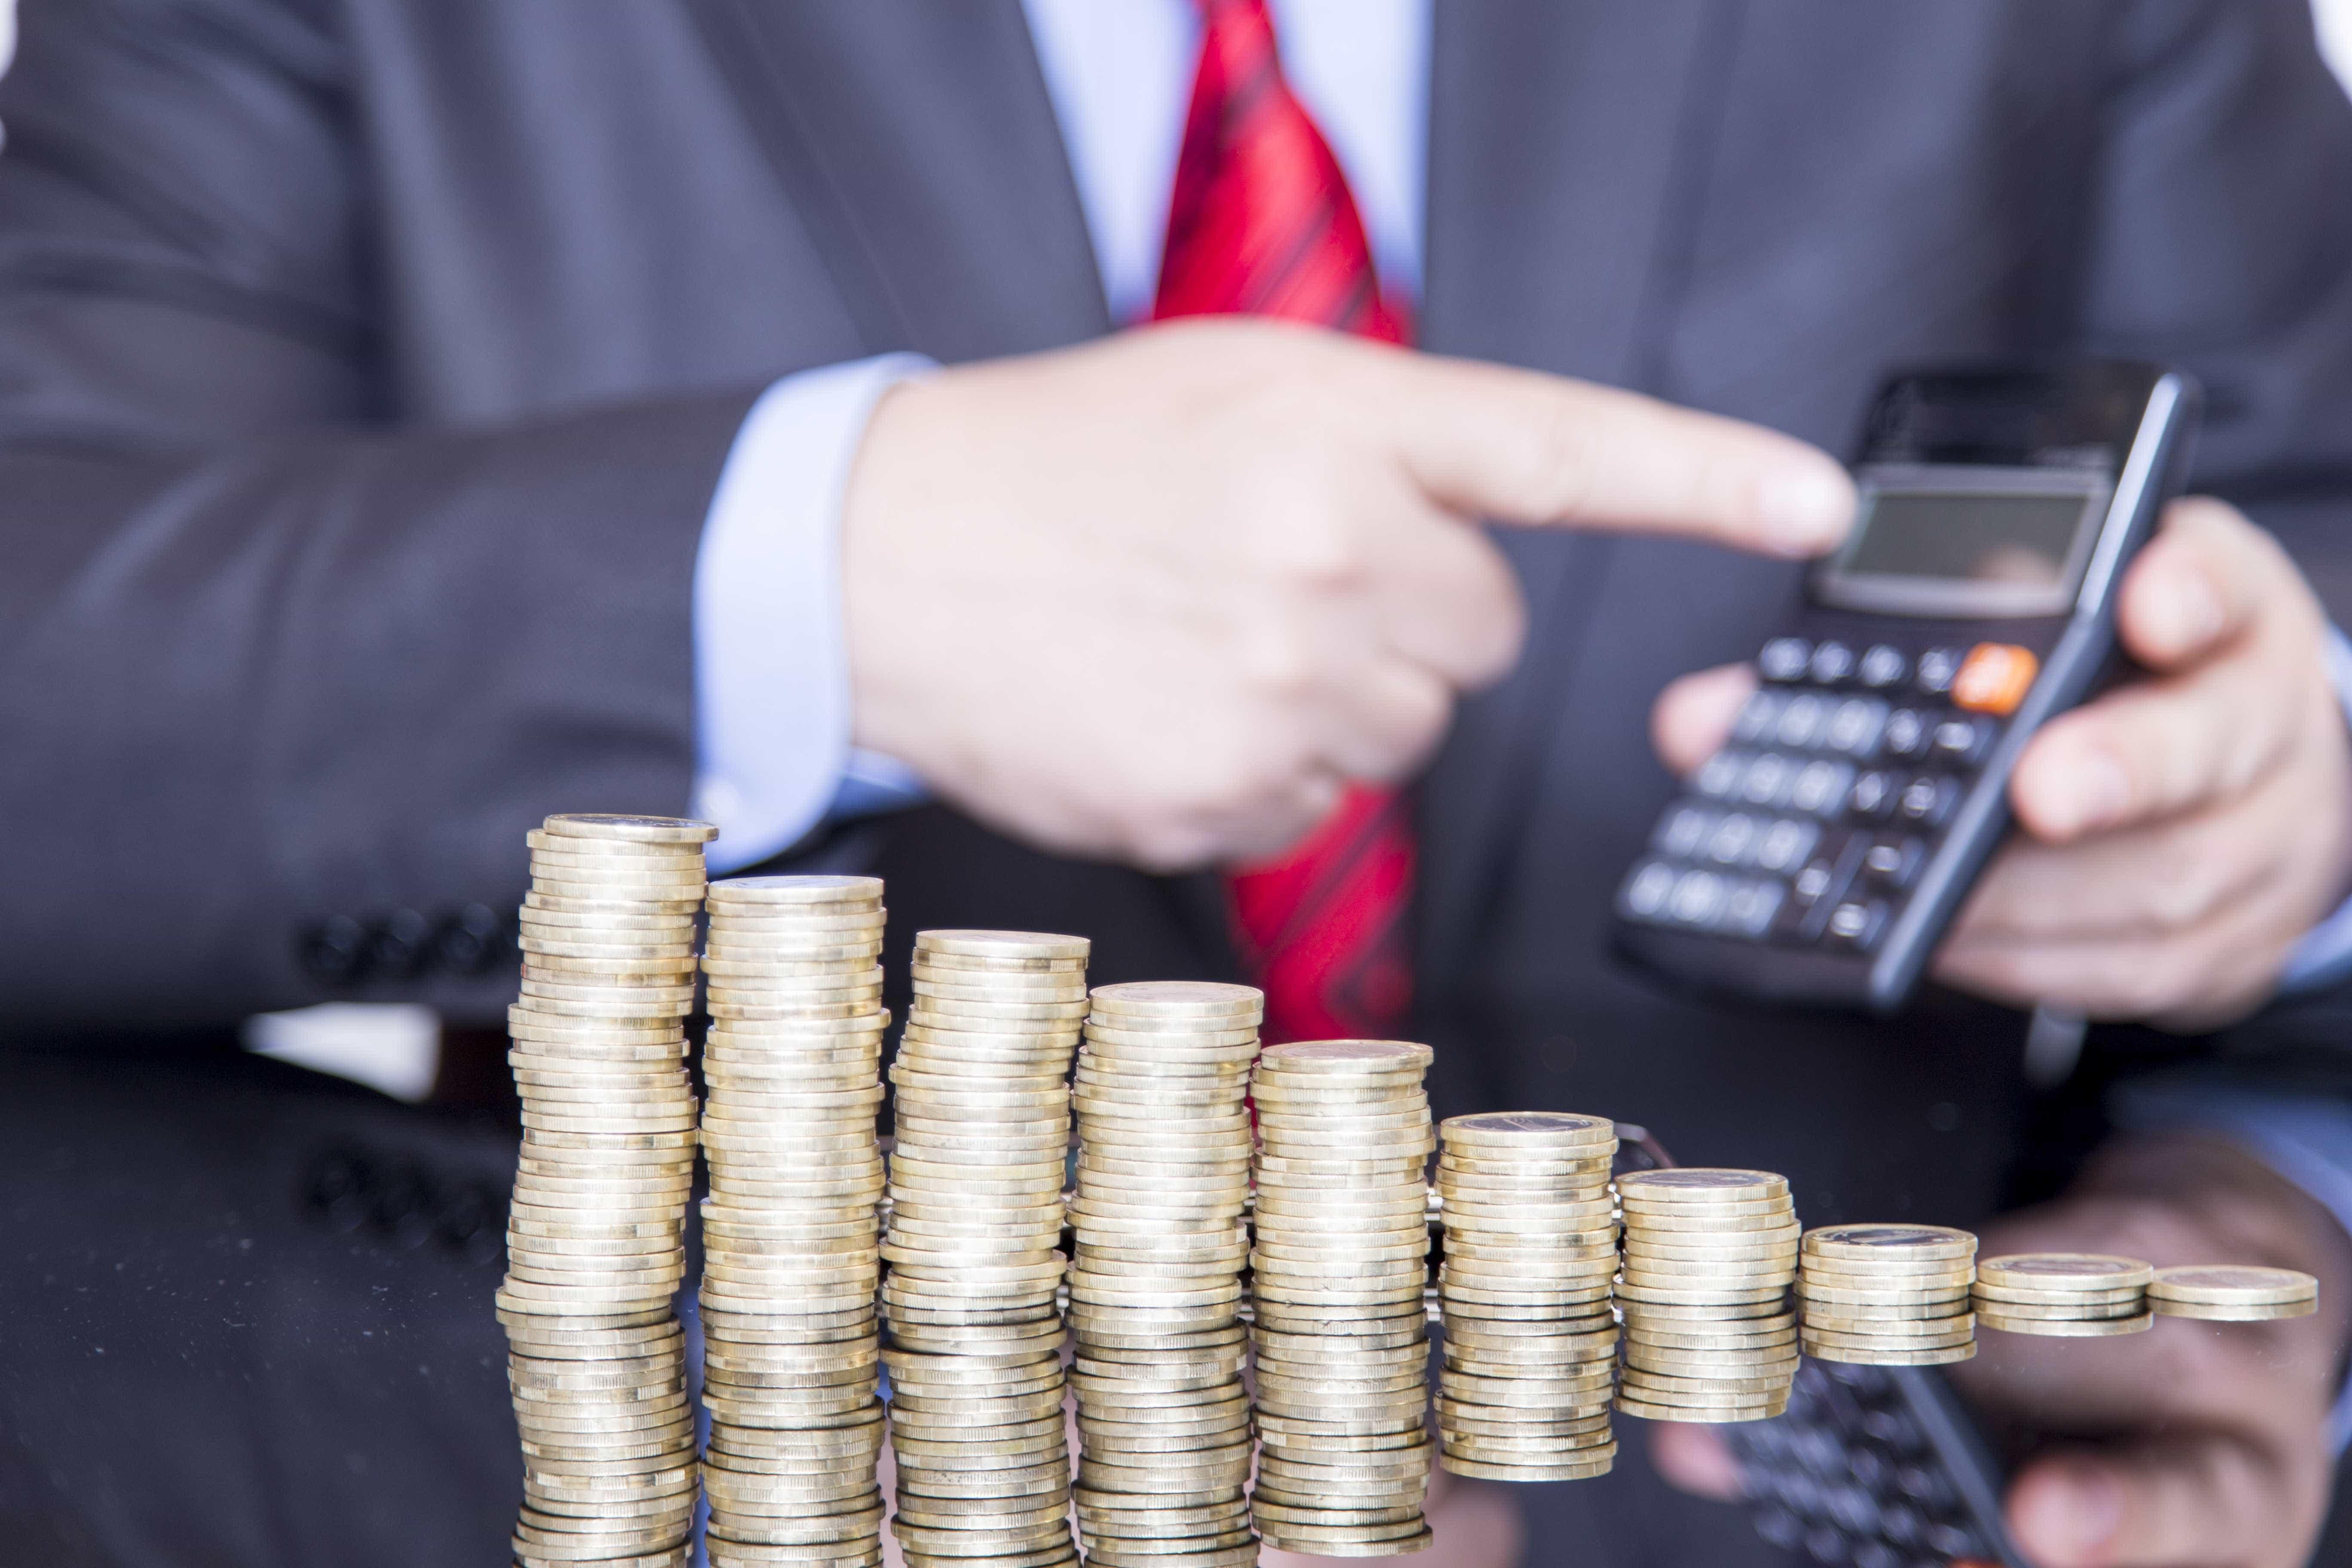 Mercado reduz estimativa de inflação pela sétima vez